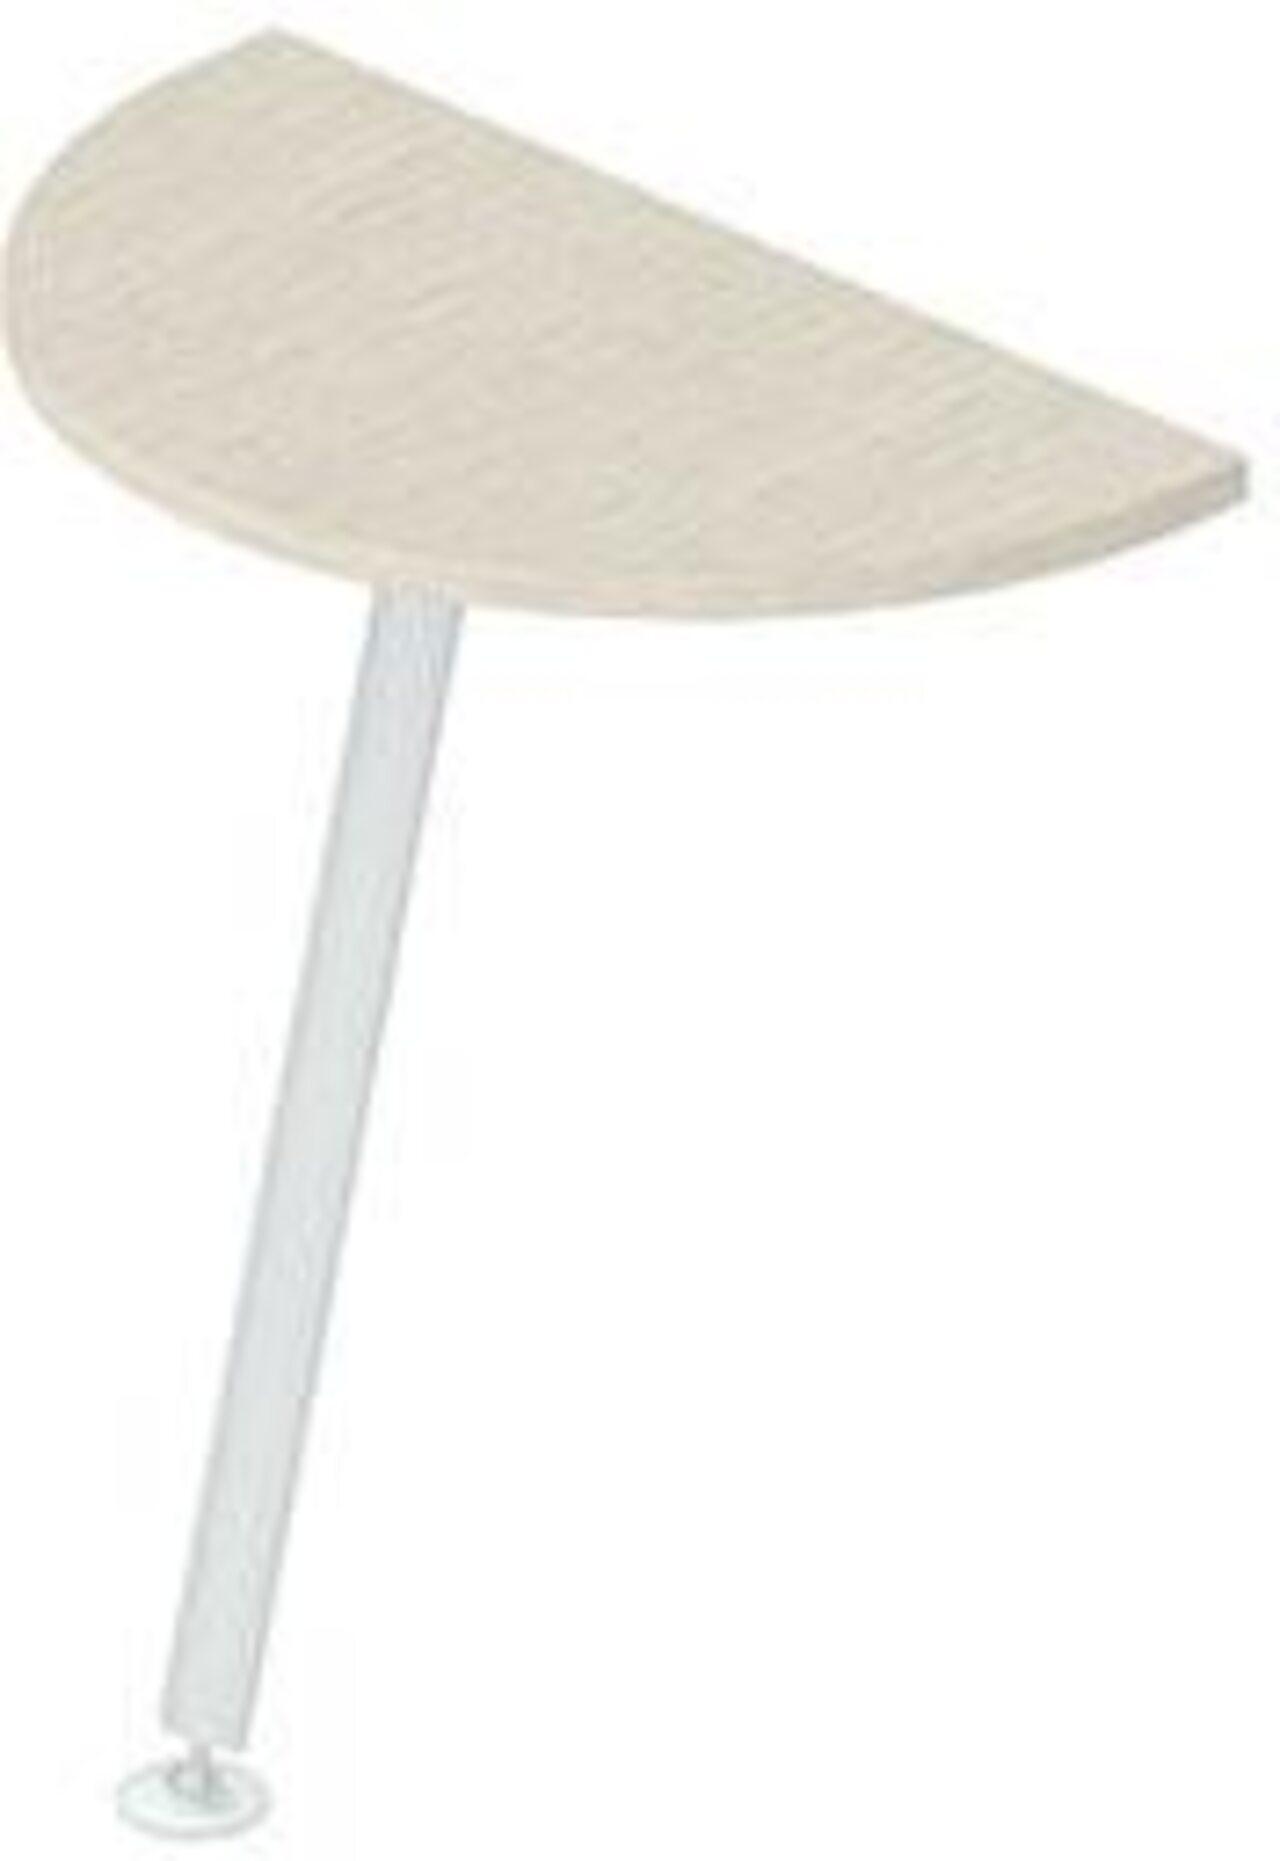 Приставка для прямых столов  Gamma (Гамма) 40x70x3 - фото 3